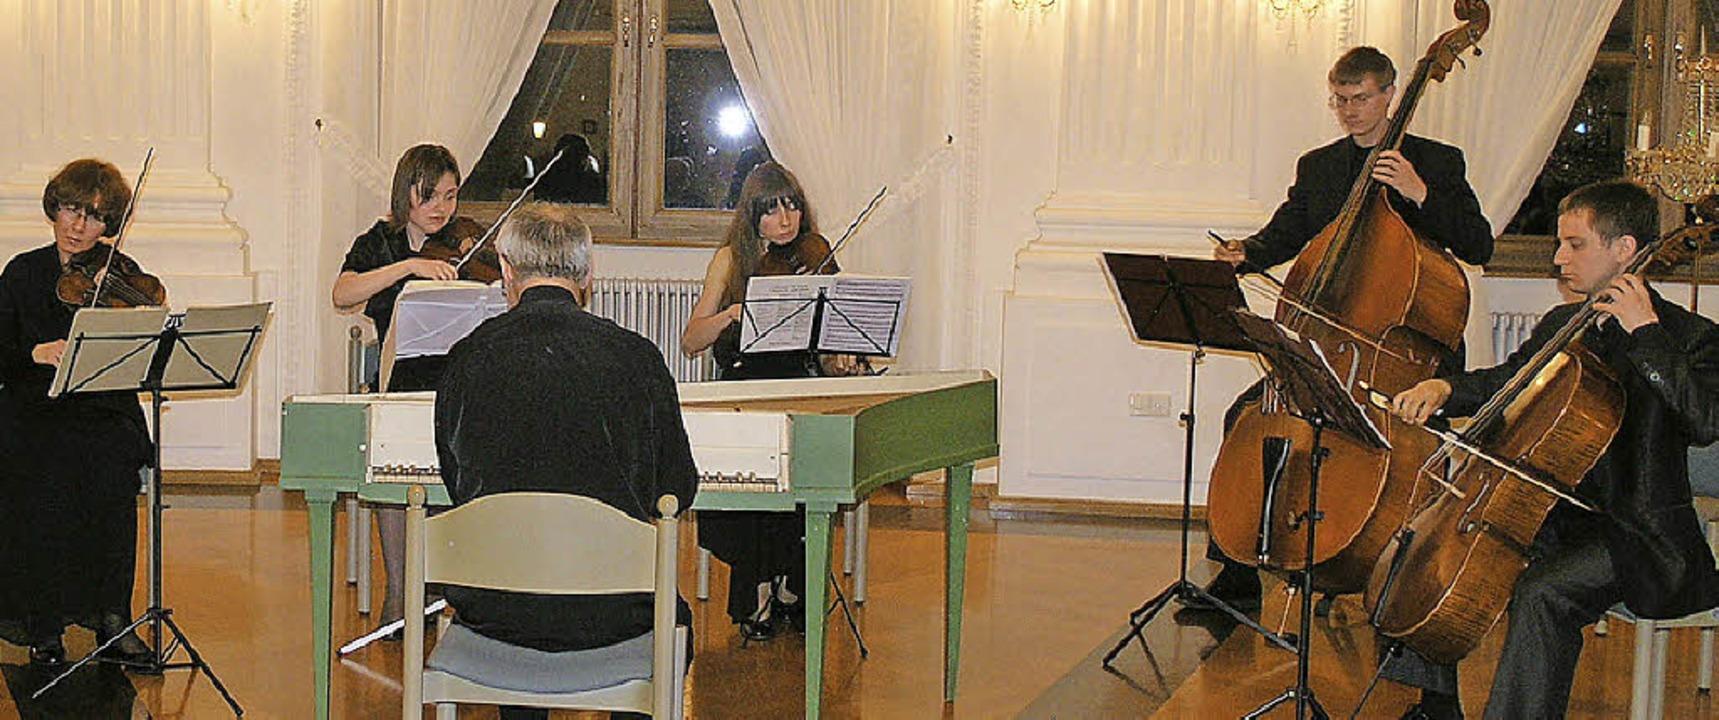 Die Kammersolisten Minsk gestalteten d...klassik begeisterten sie ihr Publikum.  | Foto: Margrit Matyscak